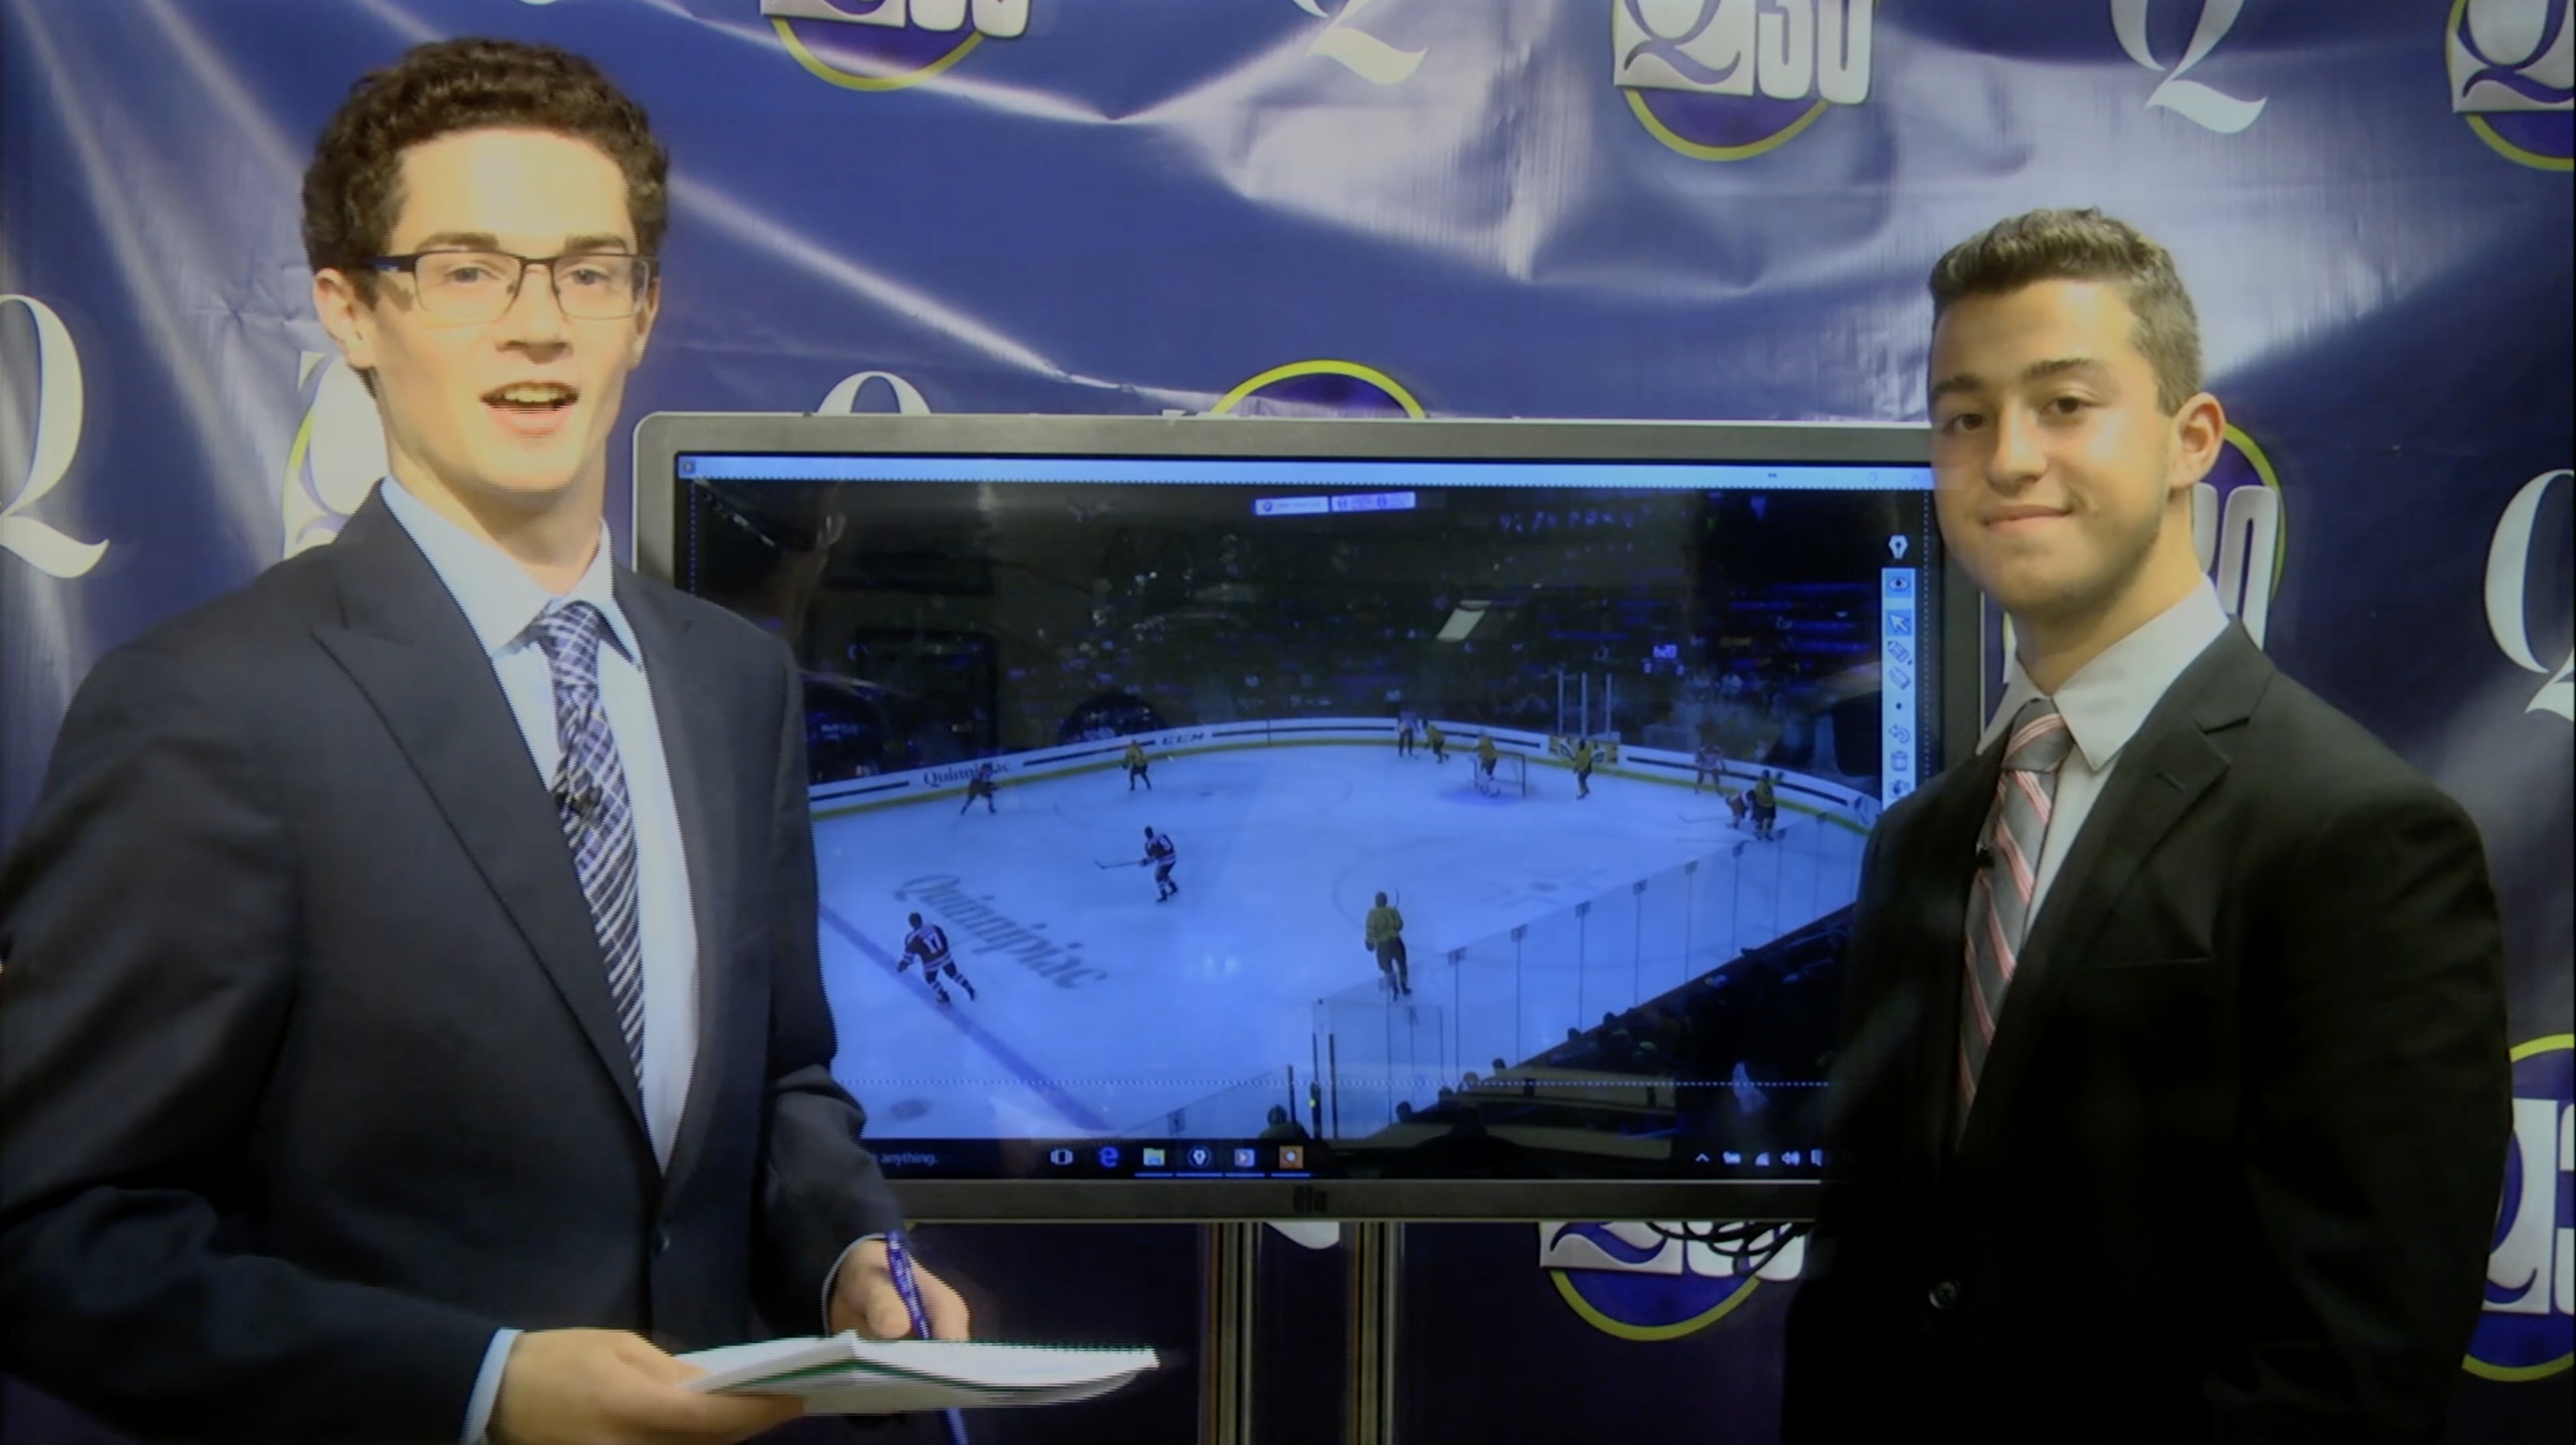 Touch screen analysis: Quinnipiac men's hockey loss to Boston University